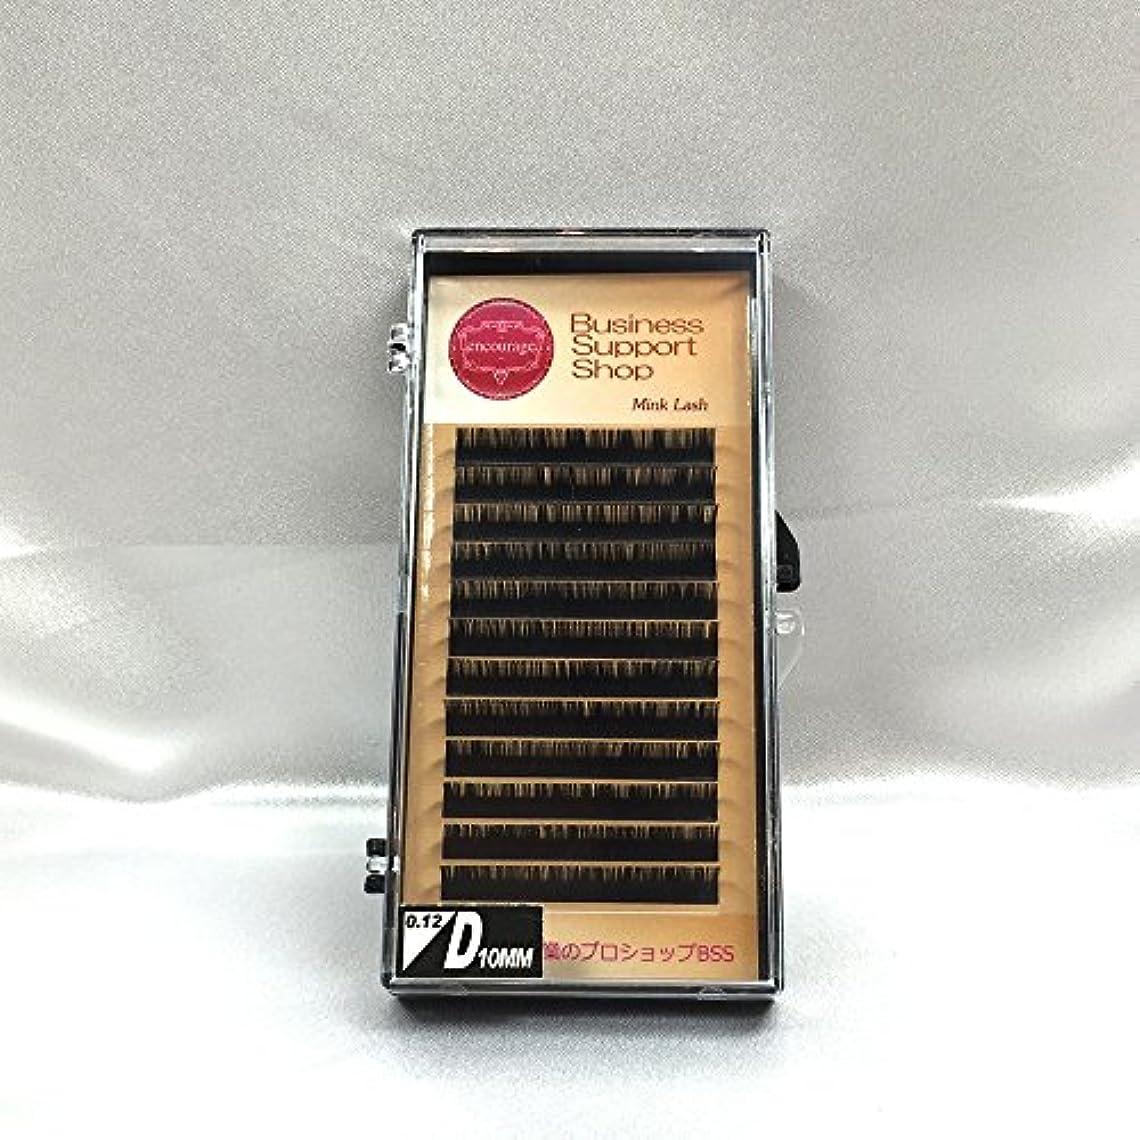 すでに医薬上級まつげエクステ Dカール(太さ長さ指定) 高級ミンクまつげ 12列シートタイプ ケース入り (太0.12 長10mm)